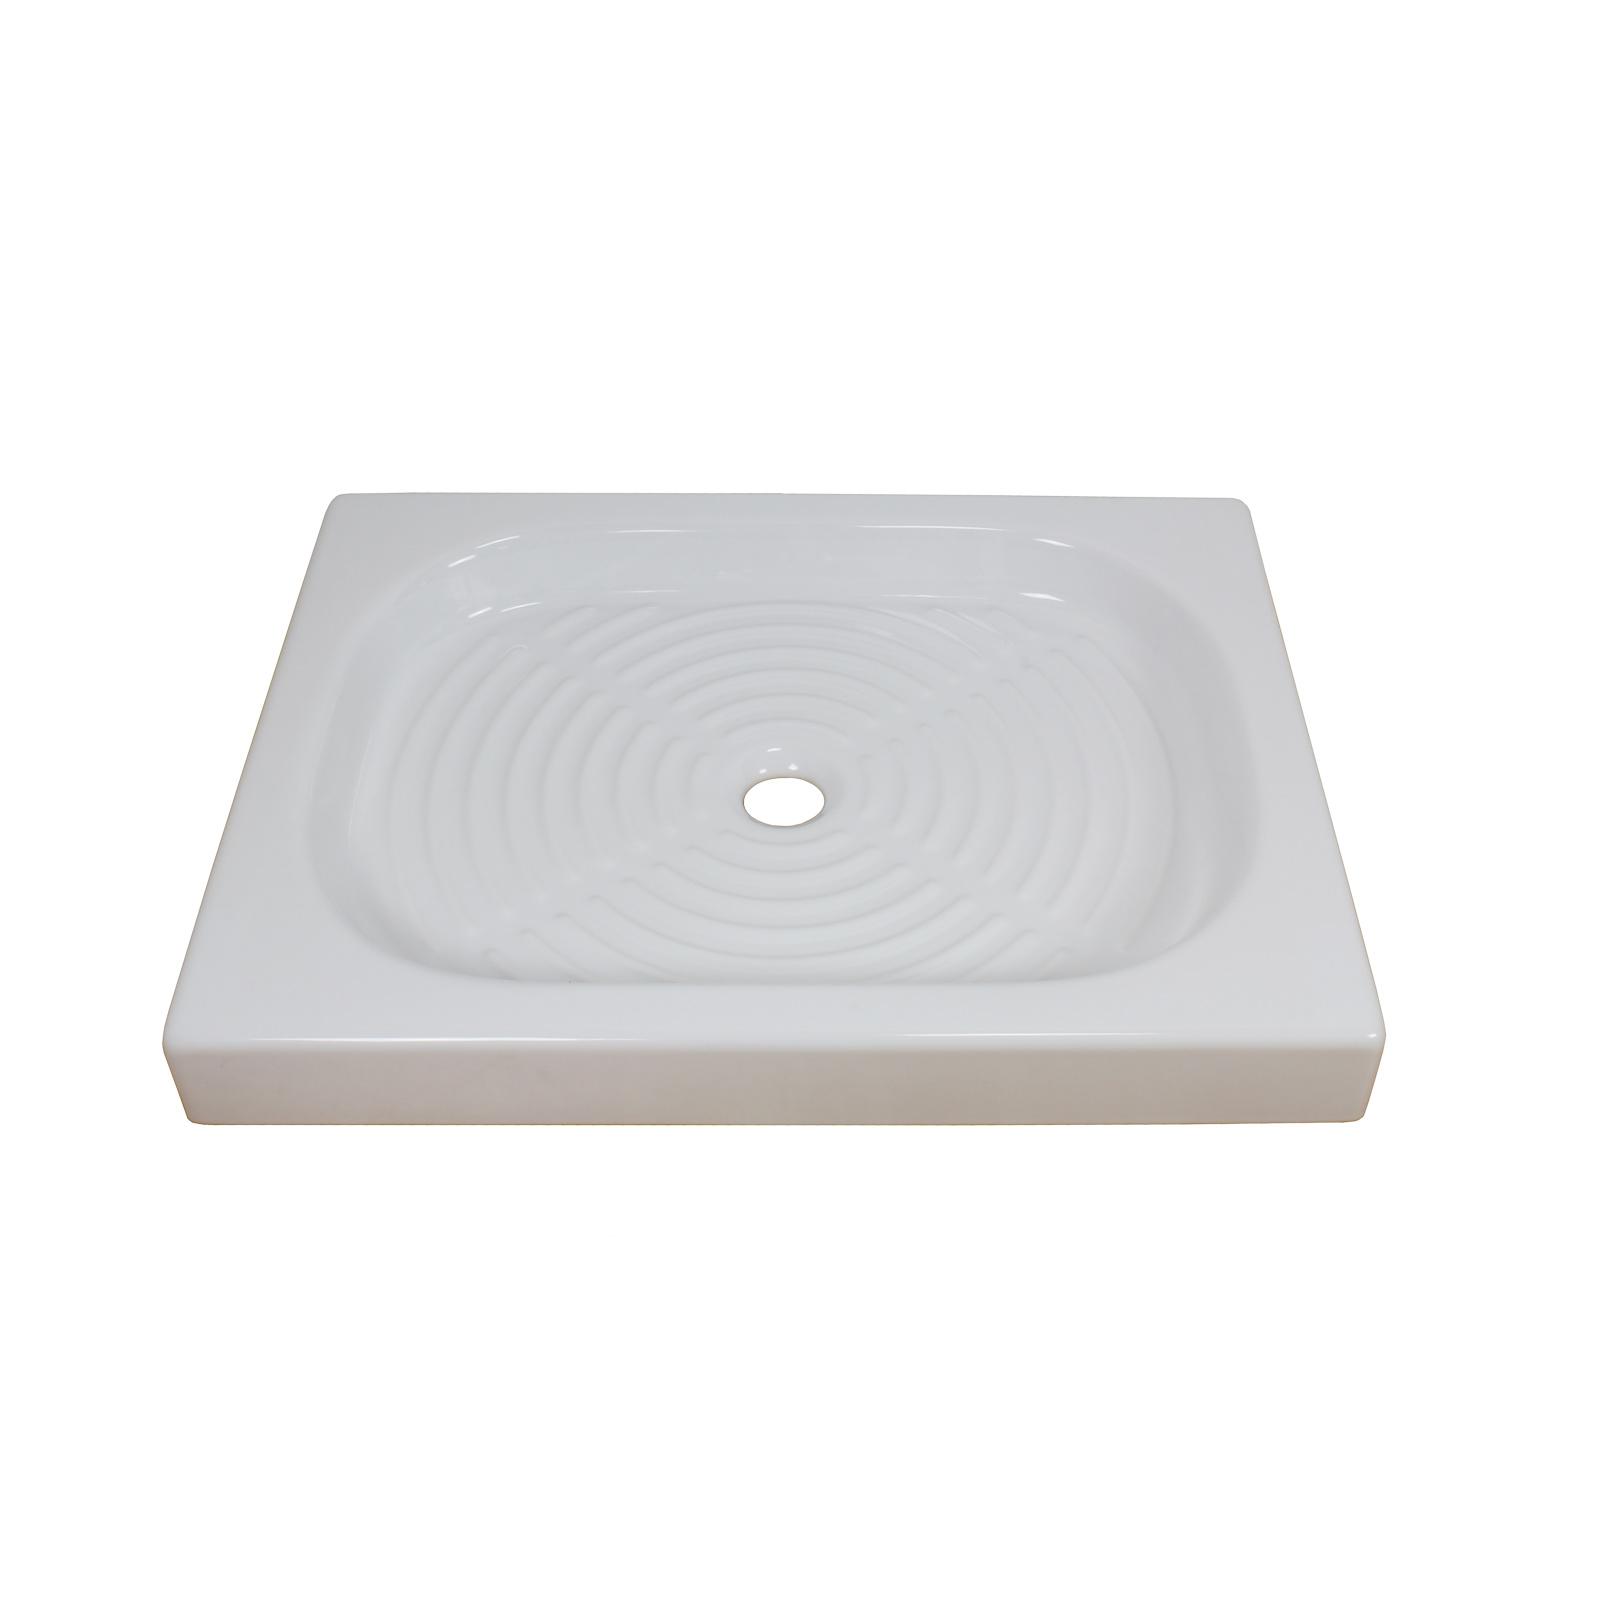 Piatto doccia ceramica piatto doccia 90x90 cm in for Piatto doccia 70x100 leroy merlin